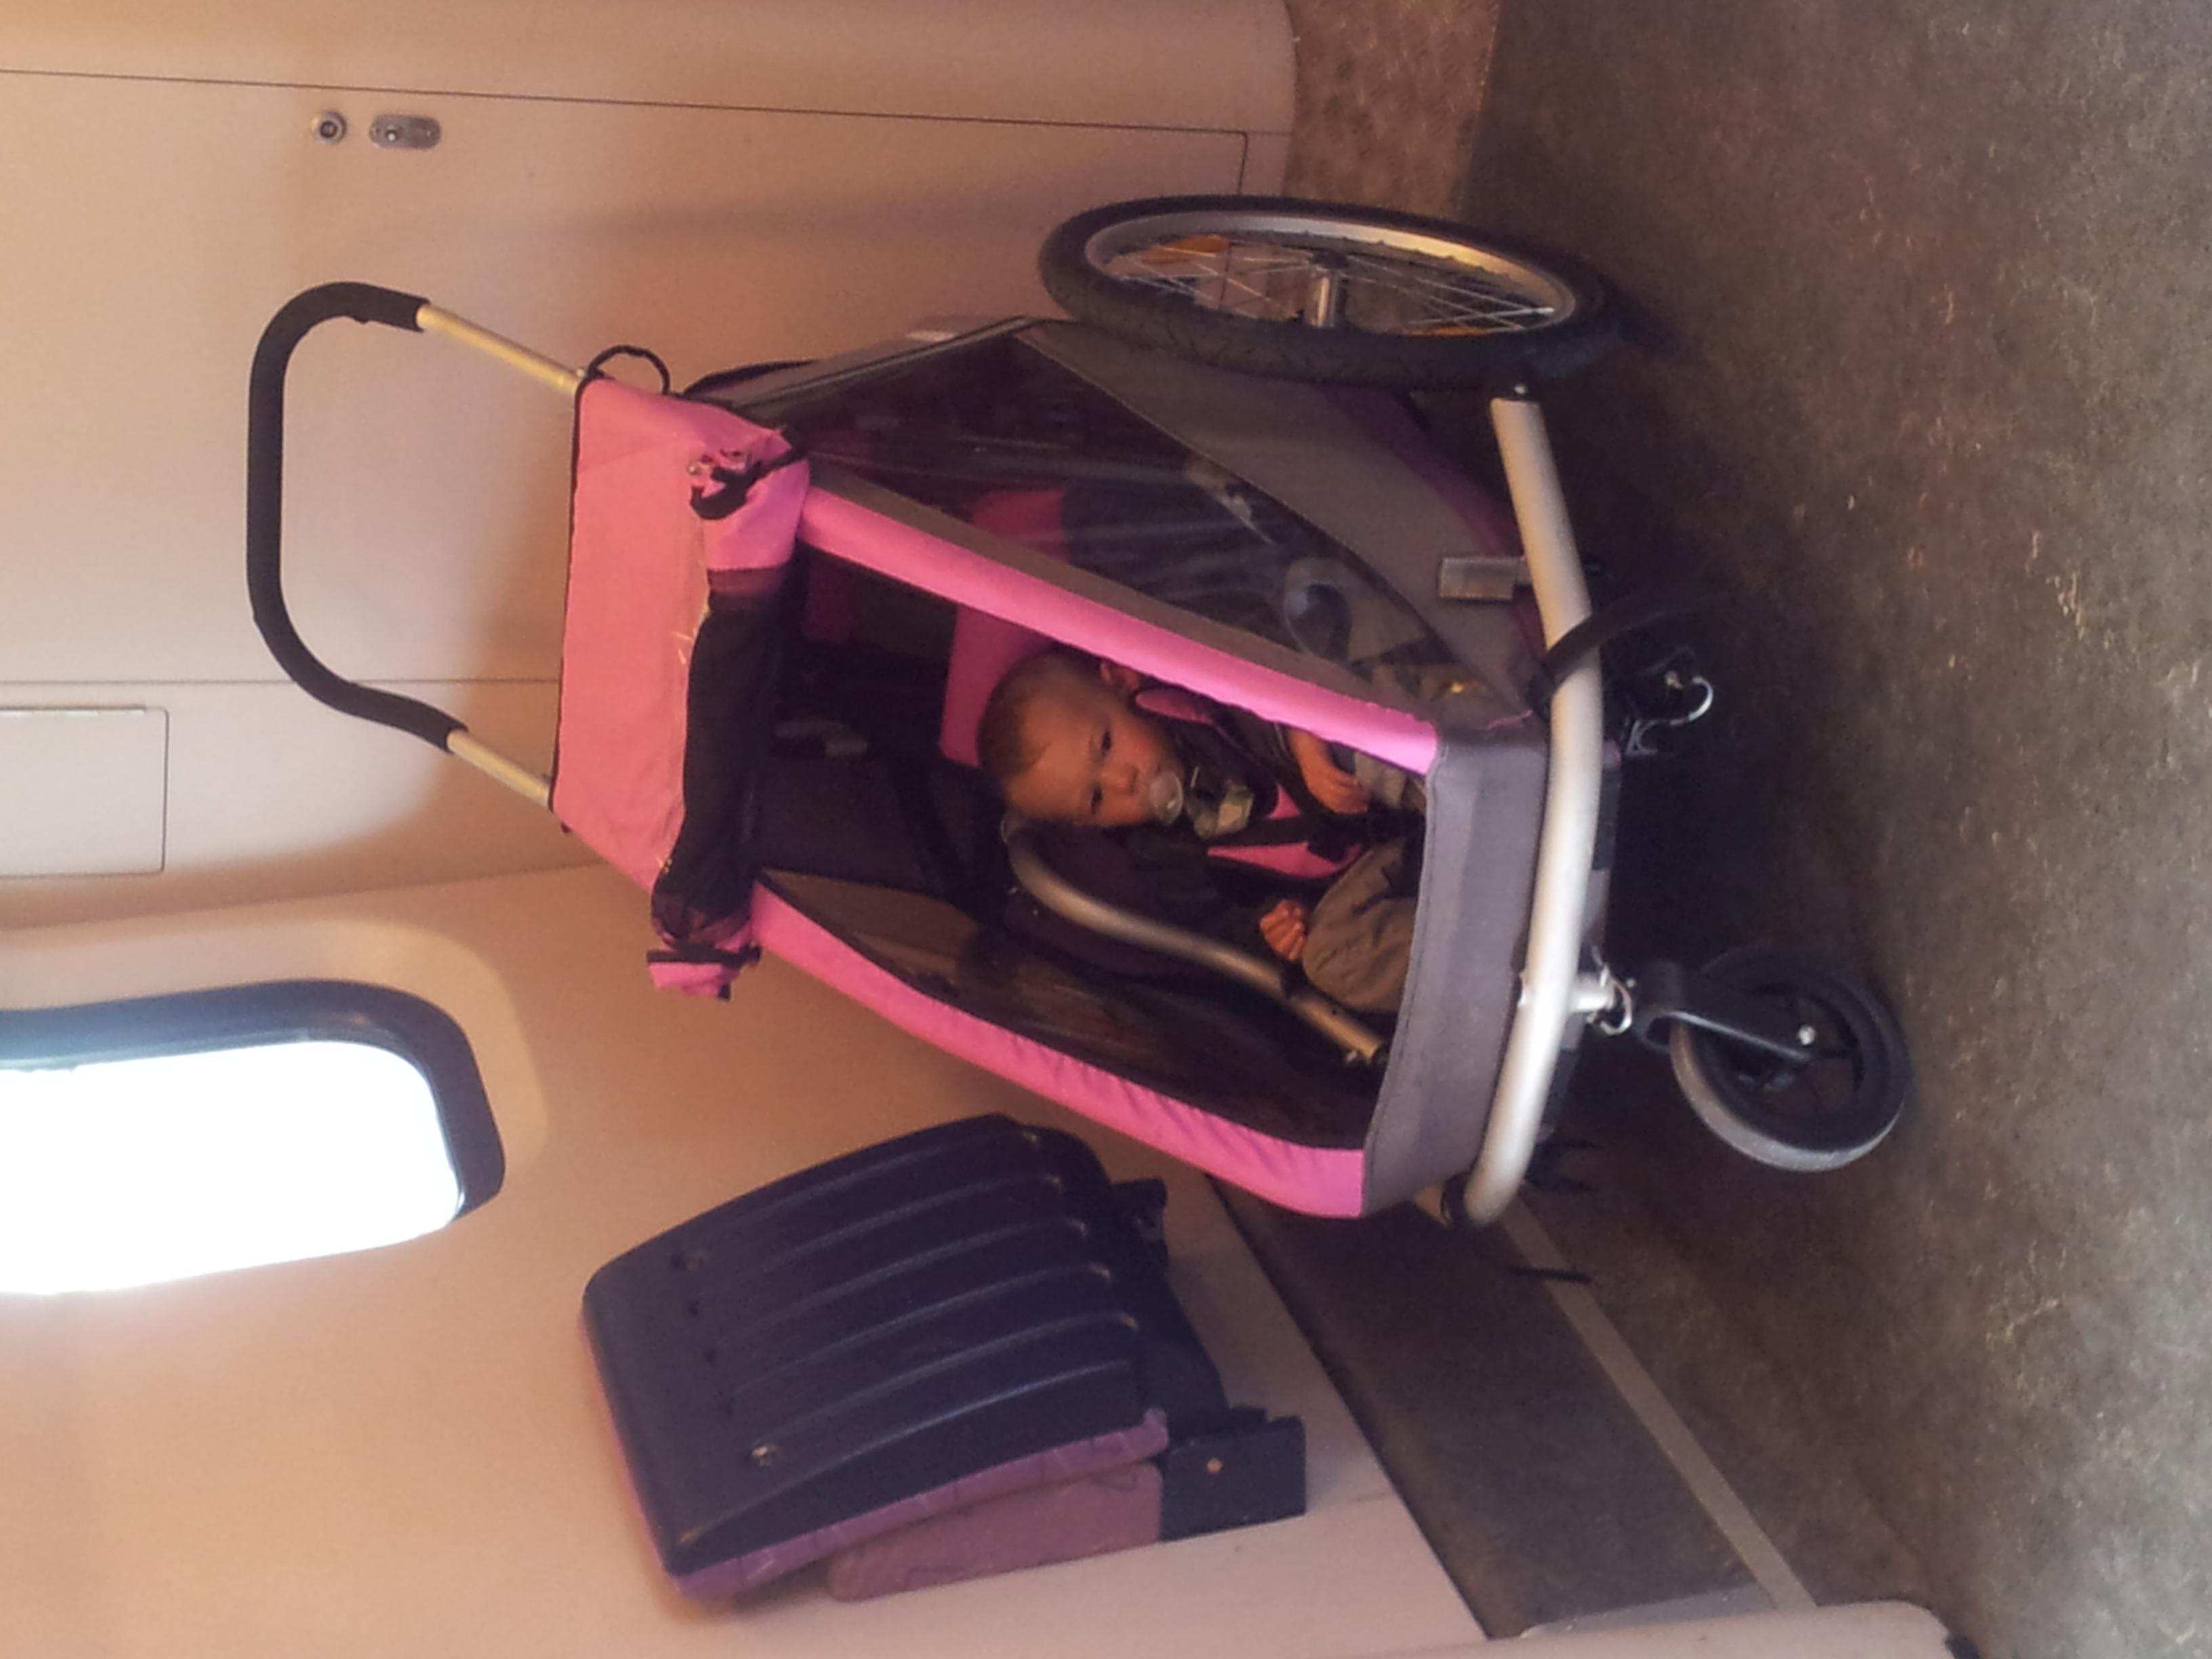 Transporter bébé et enfant sur son Brompton, récap ! - Page 2 20150525_123159-4f226b7